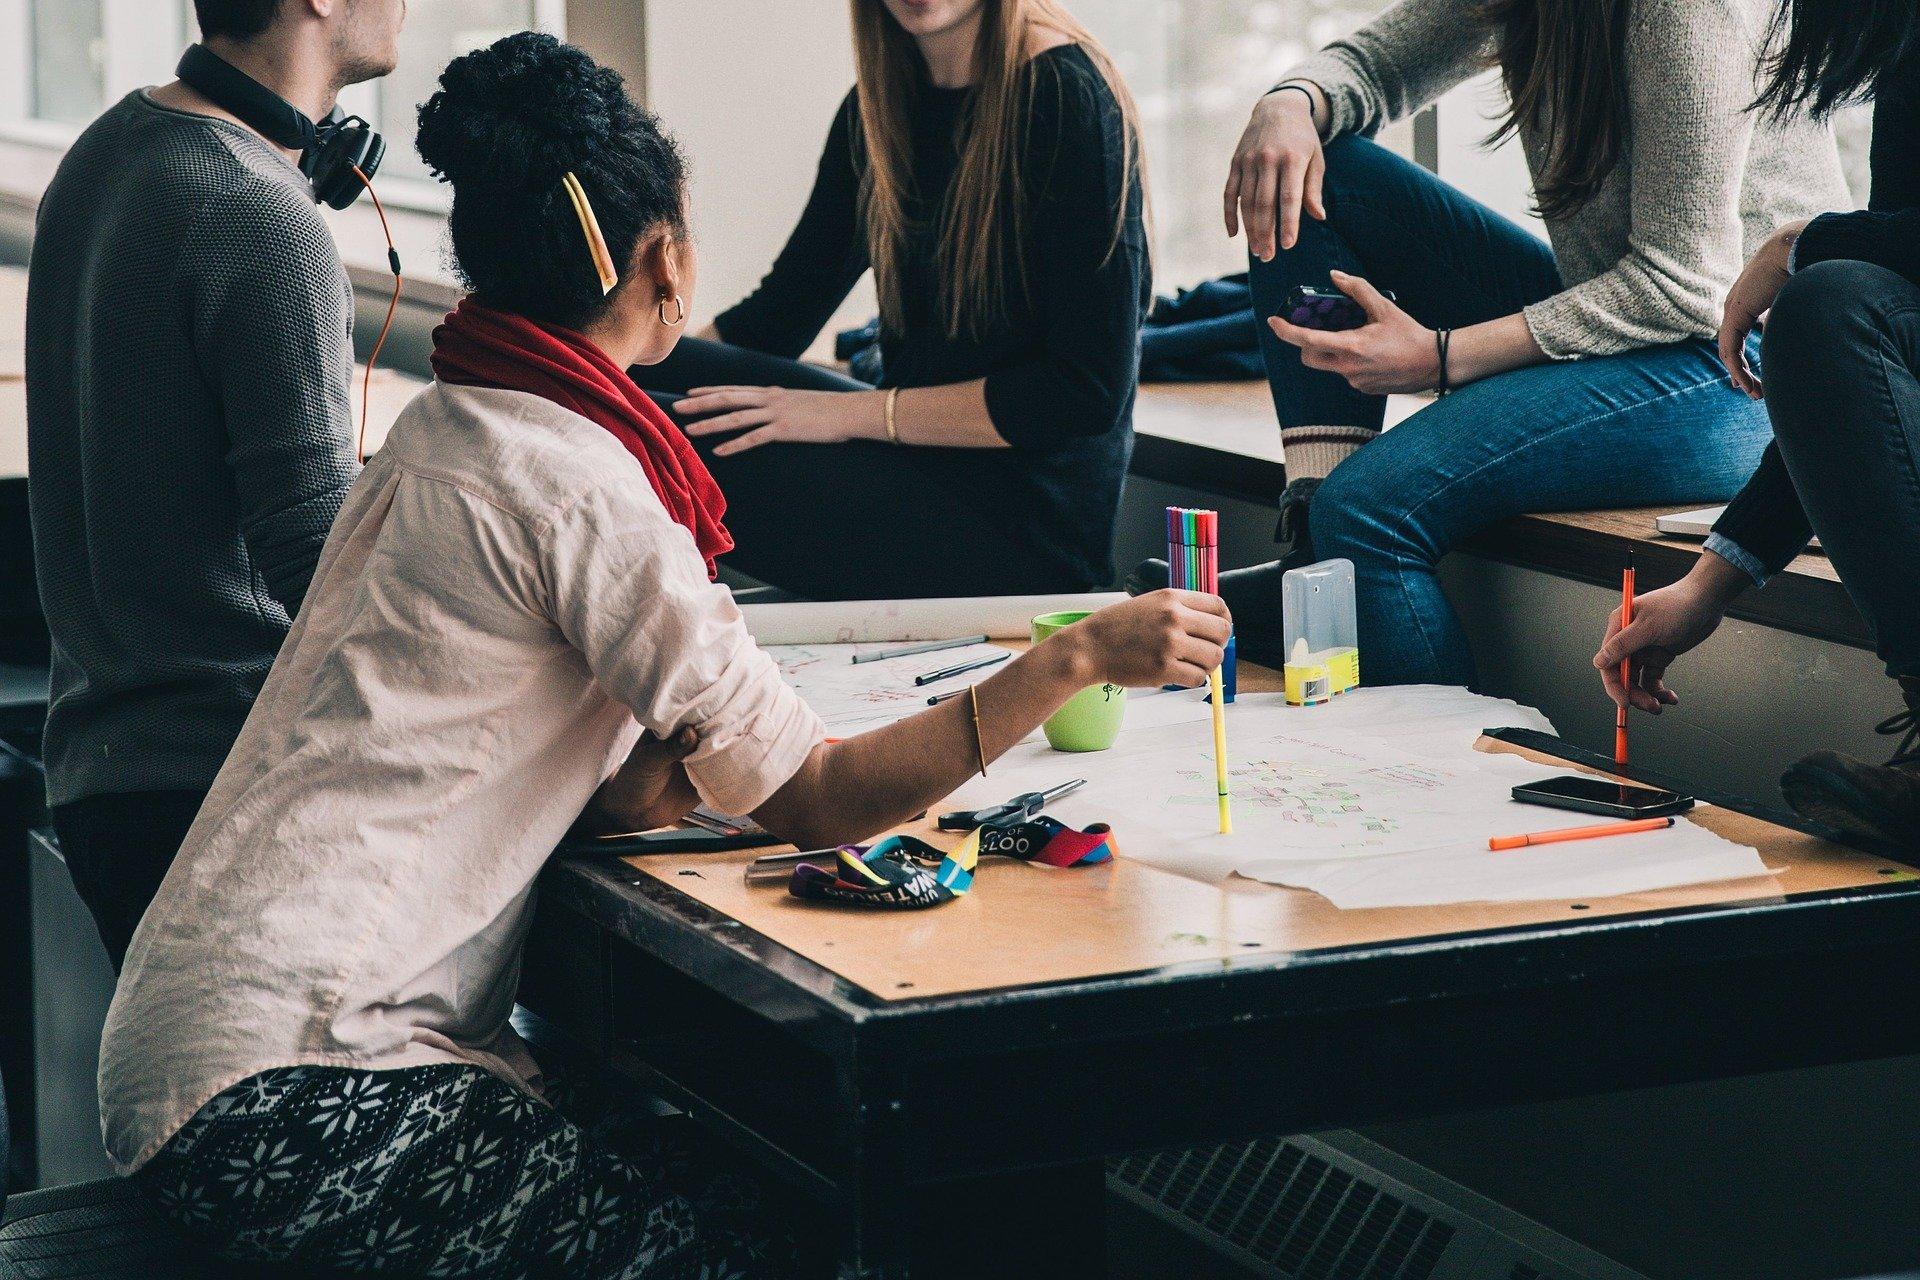 Teilnehmer eines Workshops beim Gespräch